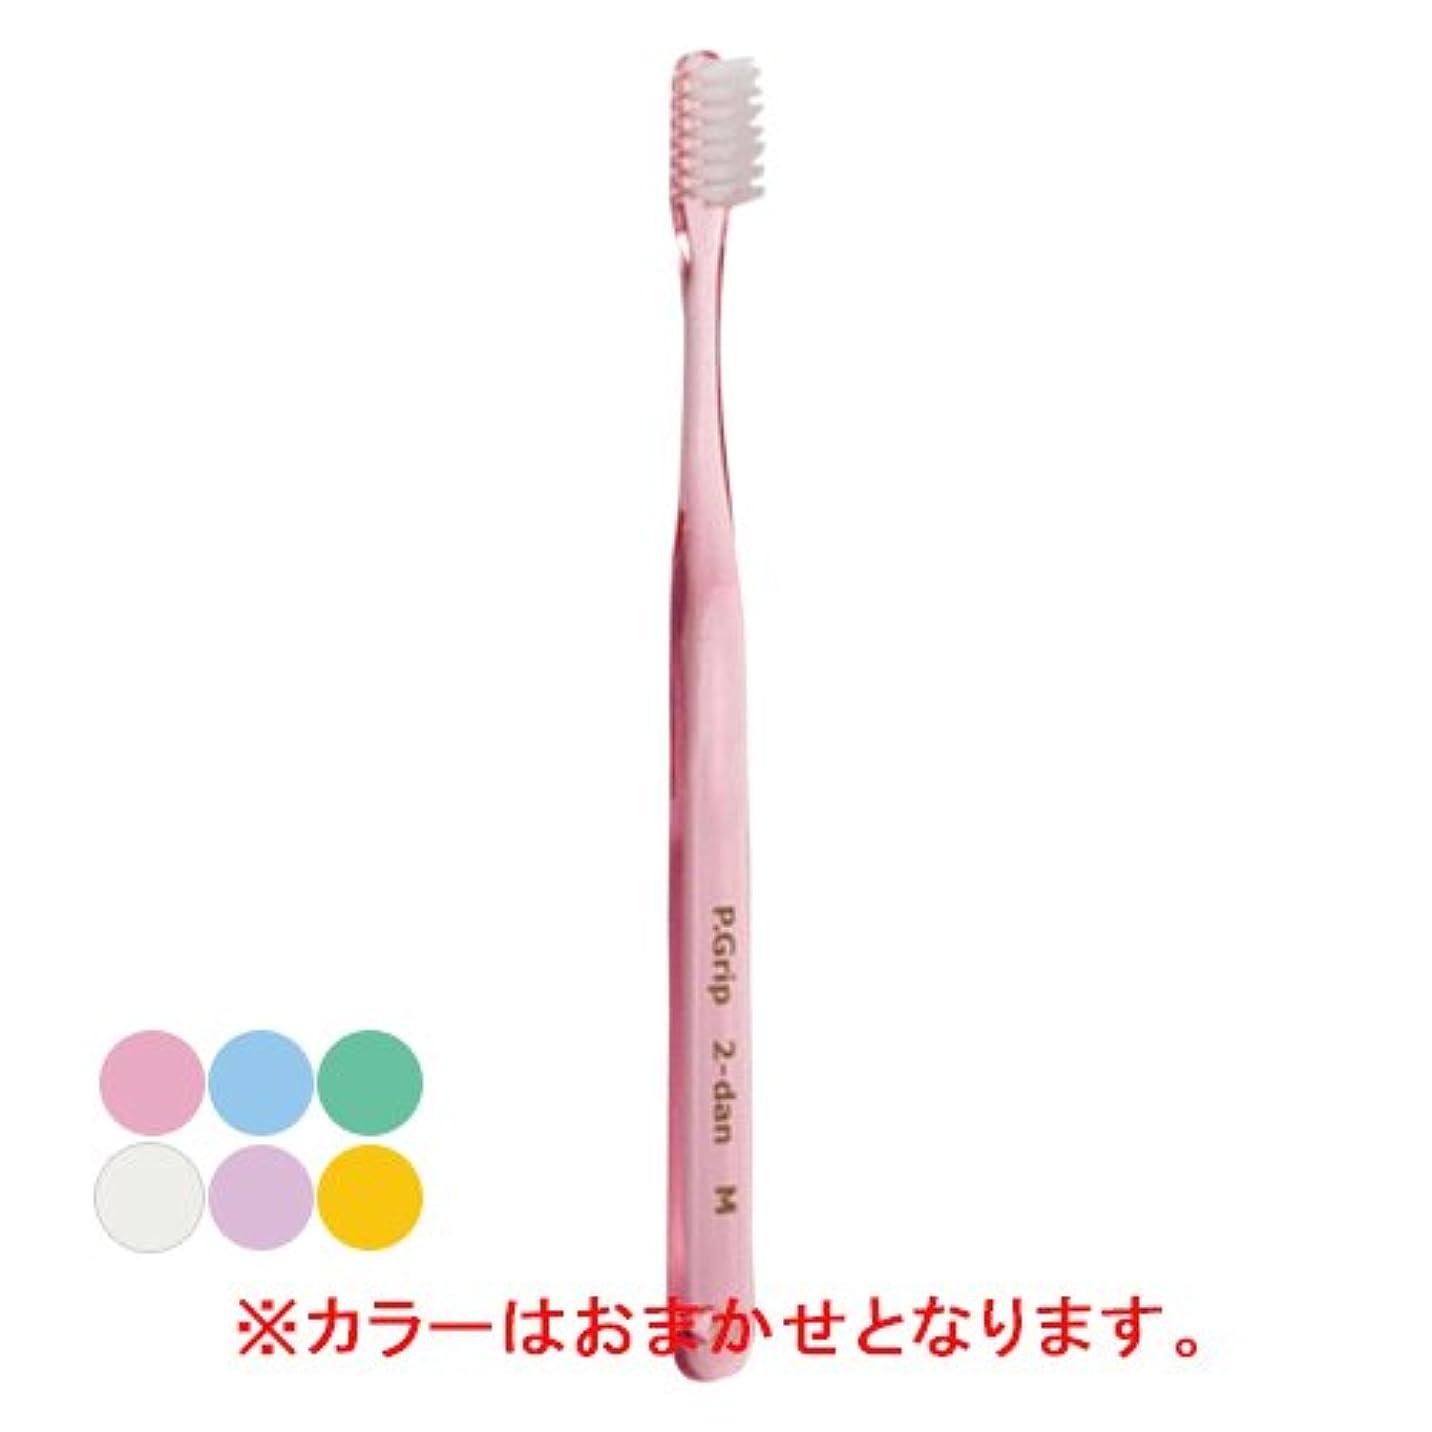 P.D.R.(ピーディーアール) P.Grip(ピーグリップ)歯ブラシ 二段植毛タイプ ミディアム(ふつう) 1本